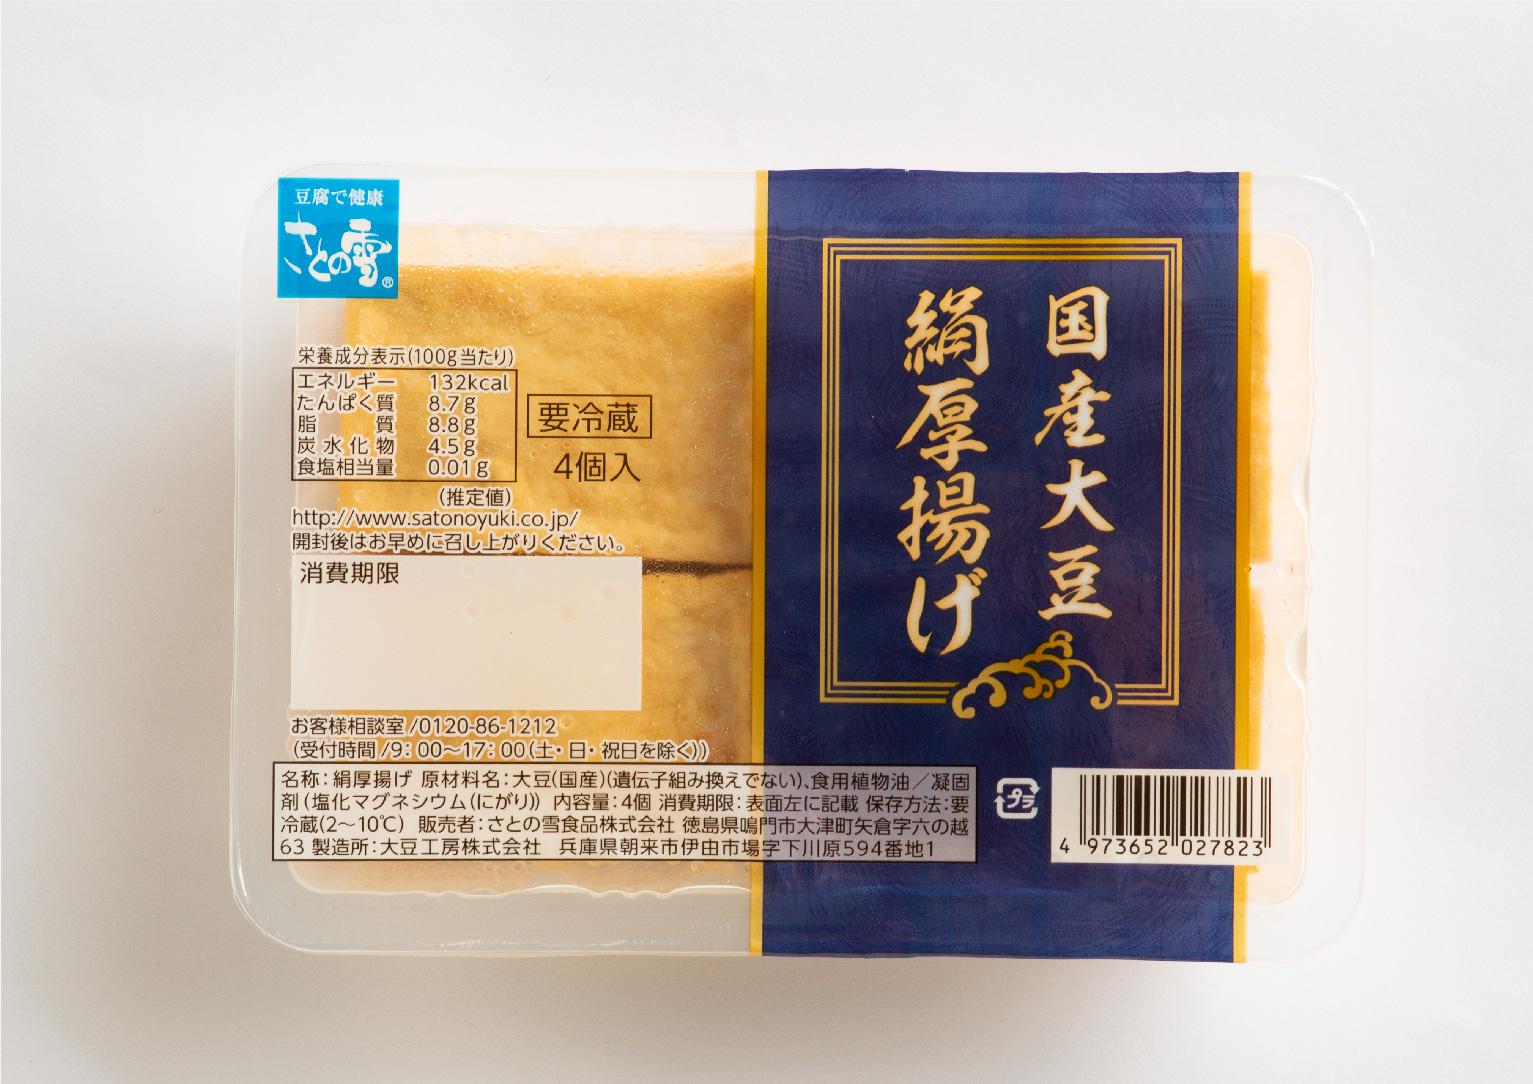 さとの雪食品株式会社様 メインイメージ